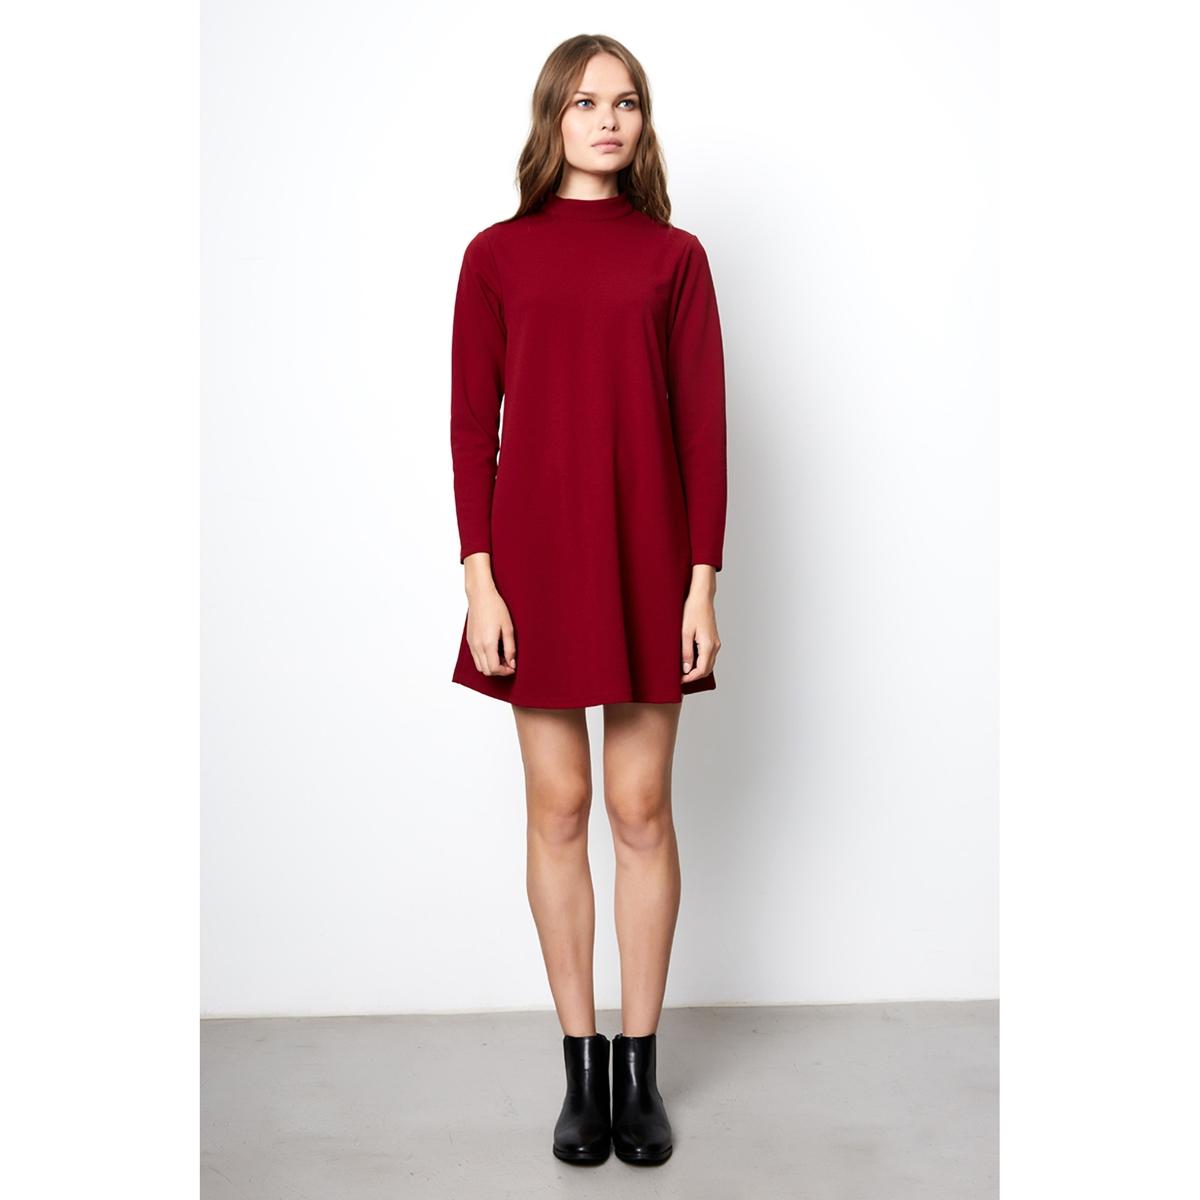 Платье однотонное короткого и расклешенного покроя с длинными рукавамиДетали •  Форма : расклешенная •  Укороченная модель •  Длинные рукава    •  Воротник-стойкаСостав и уход •  5% эластана, 95% полиэстера  •  Следуйте советам по уходу, указанным на этикетке<br><br>Цвет: бордовый,темно-синий<br>Размер: S.S.XL